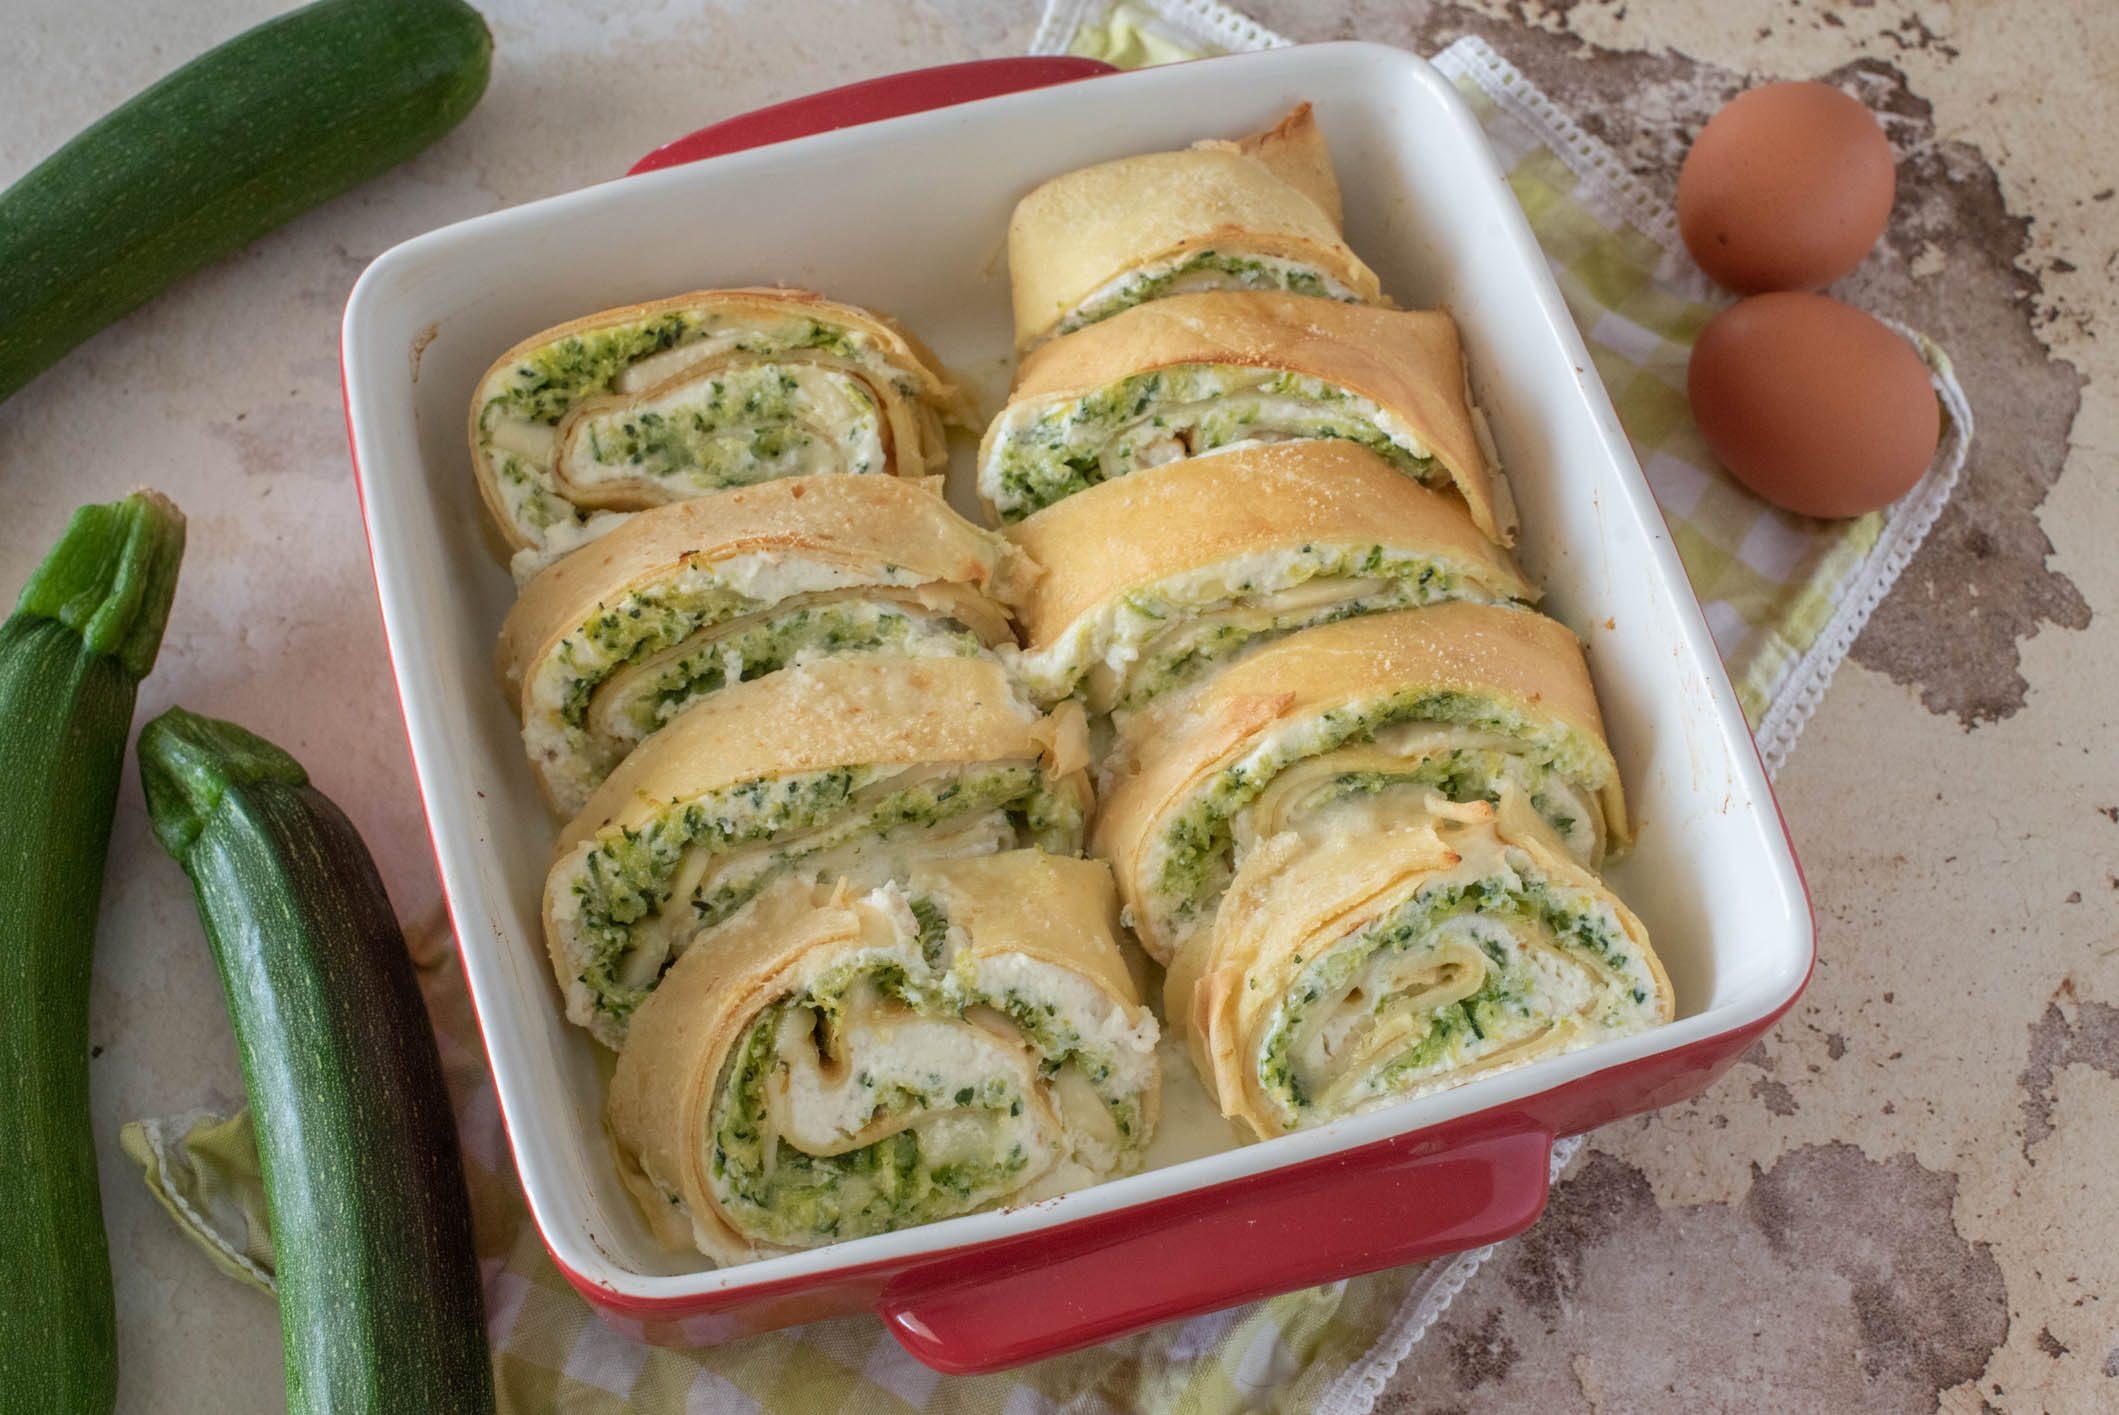 Rotolo di crespelle con zucchine: la ricetta del piatto goloso e filante